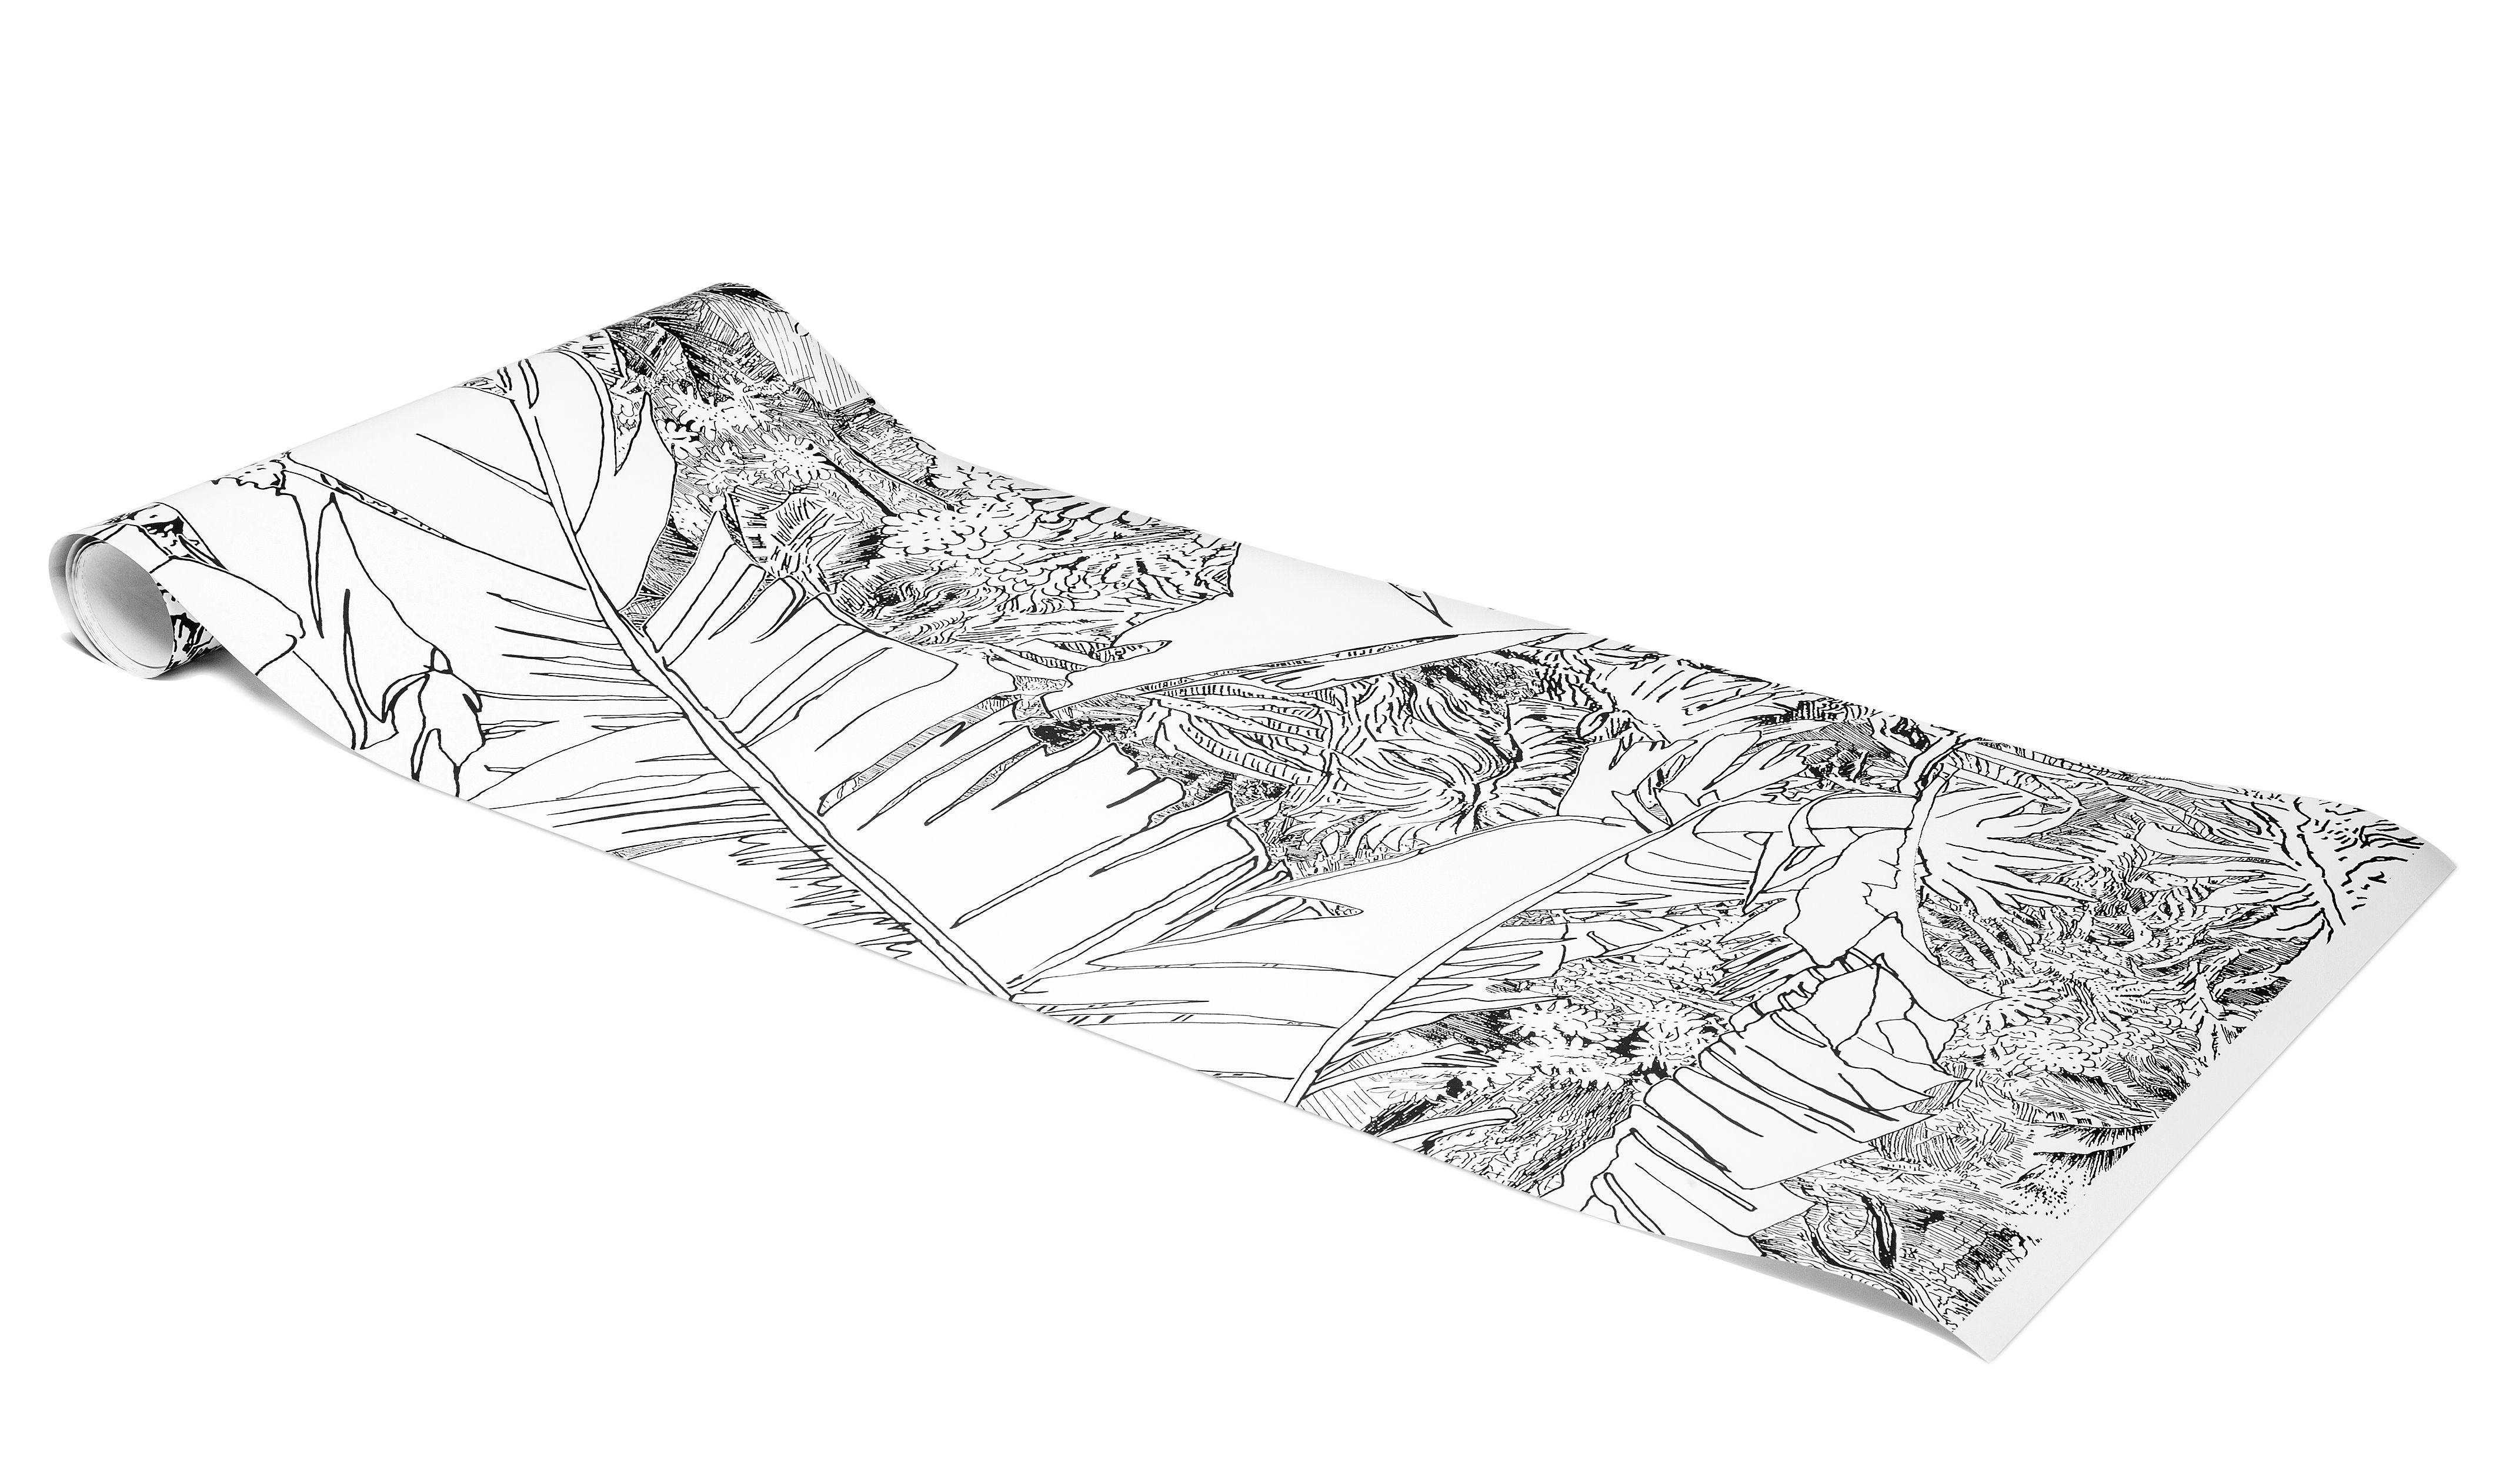 Papier Peint Jungle 1 1 Rouleau Larg 48 Cm Noir Fond Blanc